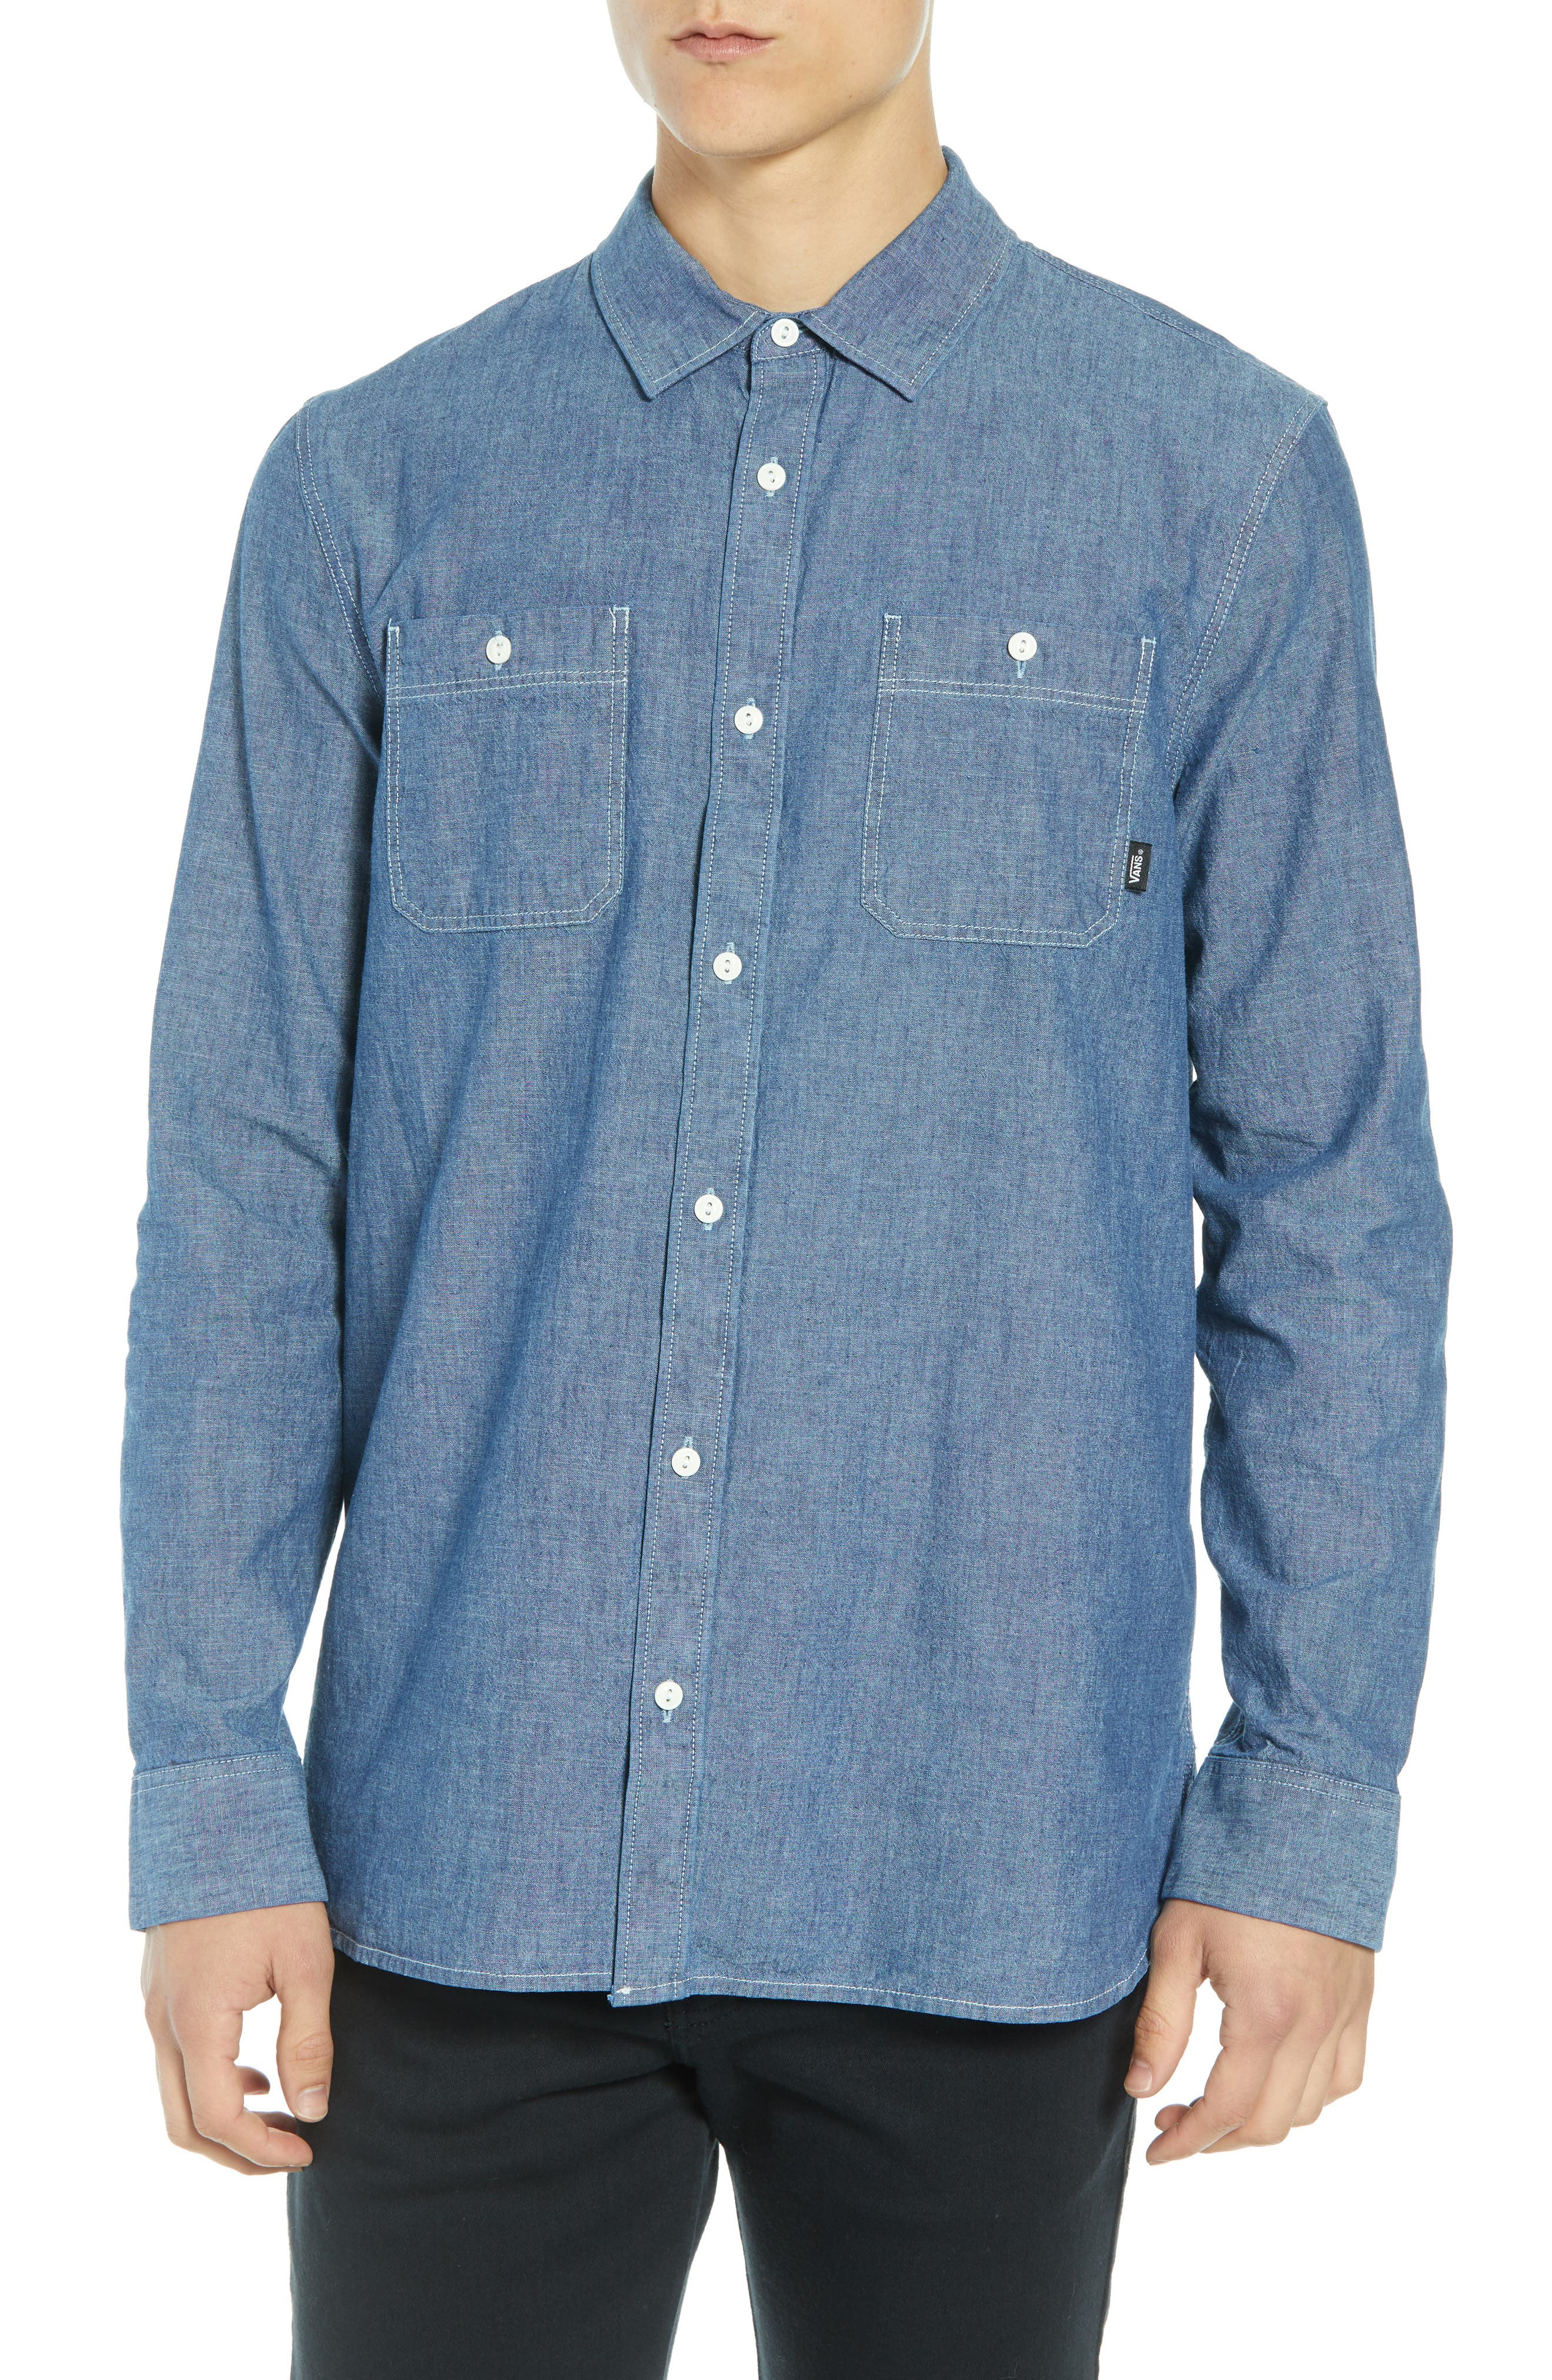 Carlow Chambray Shirt,                             Main thumbnail 1, color,                             INDIGO CHAMBRAY